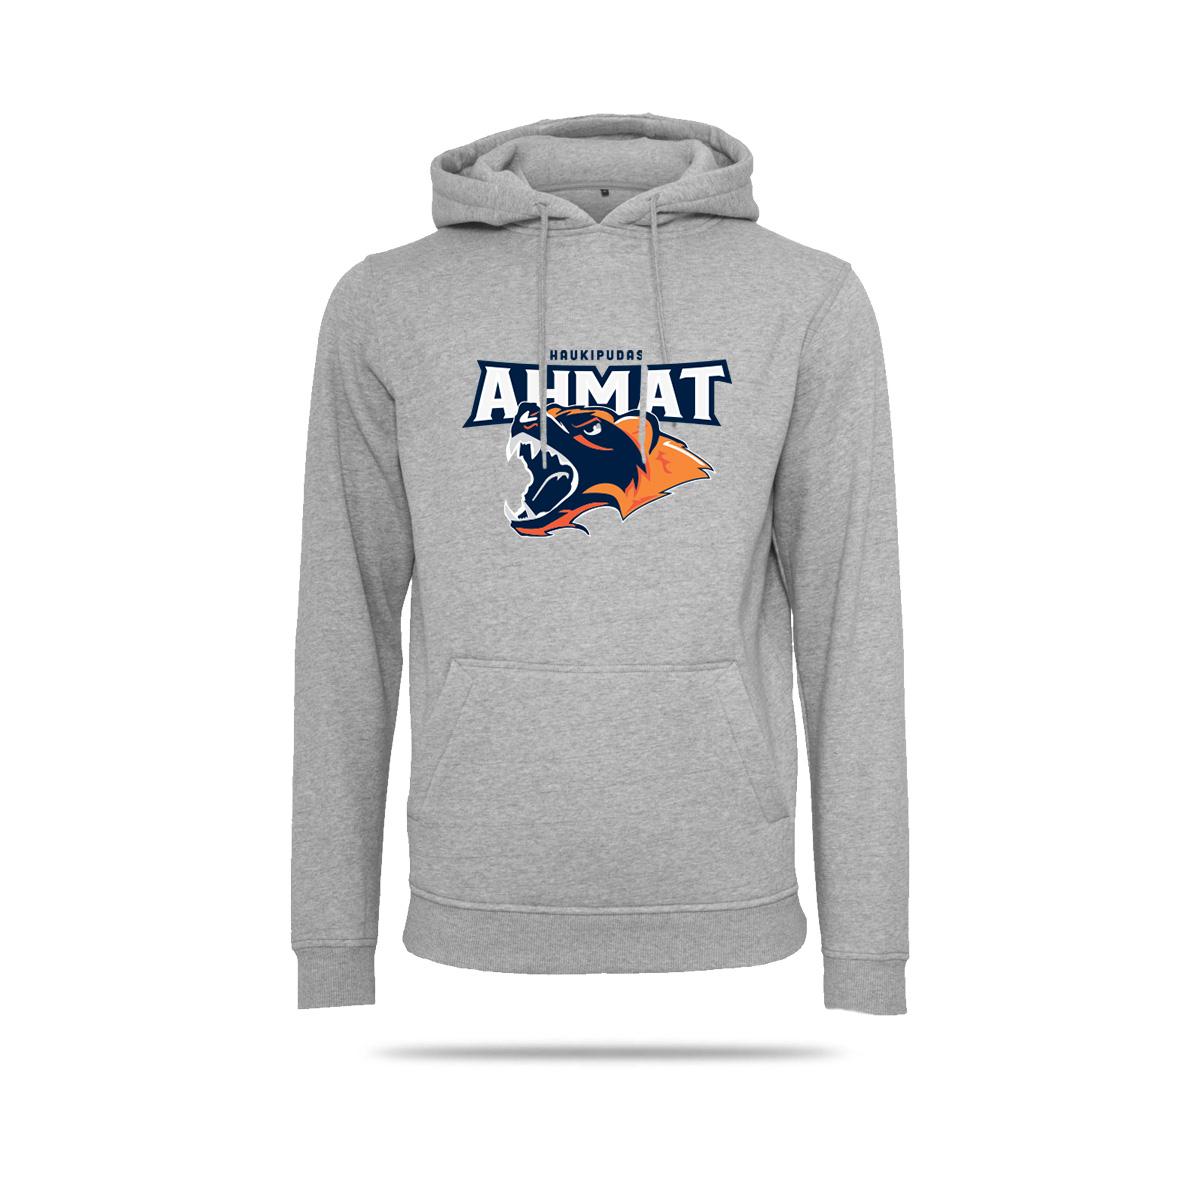 Ahmat-fani-6003-harmaa-original